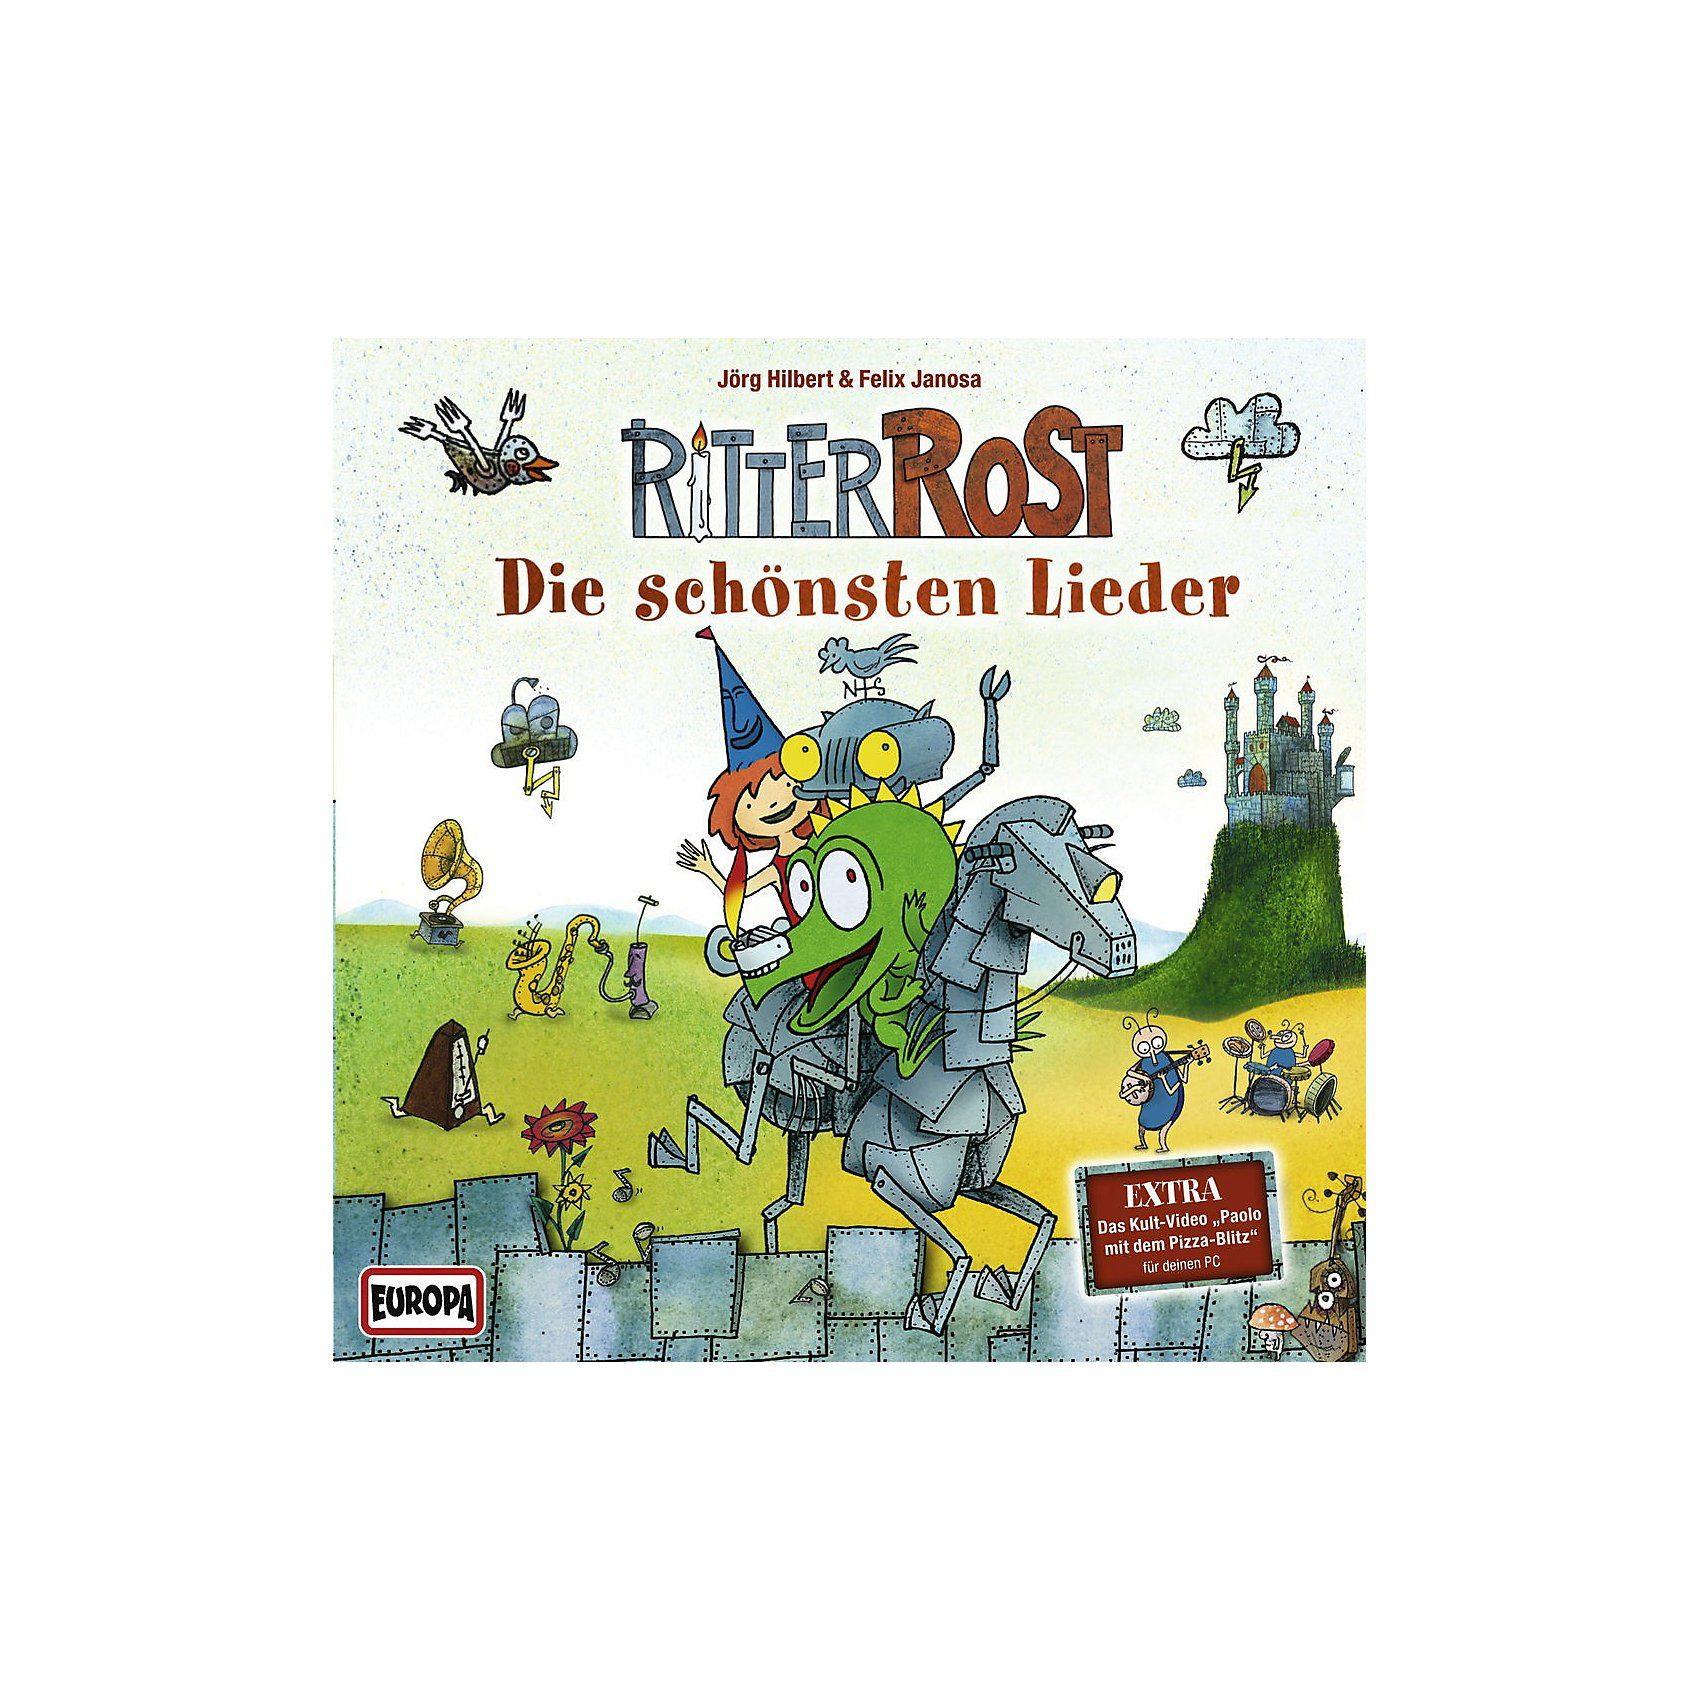 Sony CD Ritter Rost Die schönsten Lieder